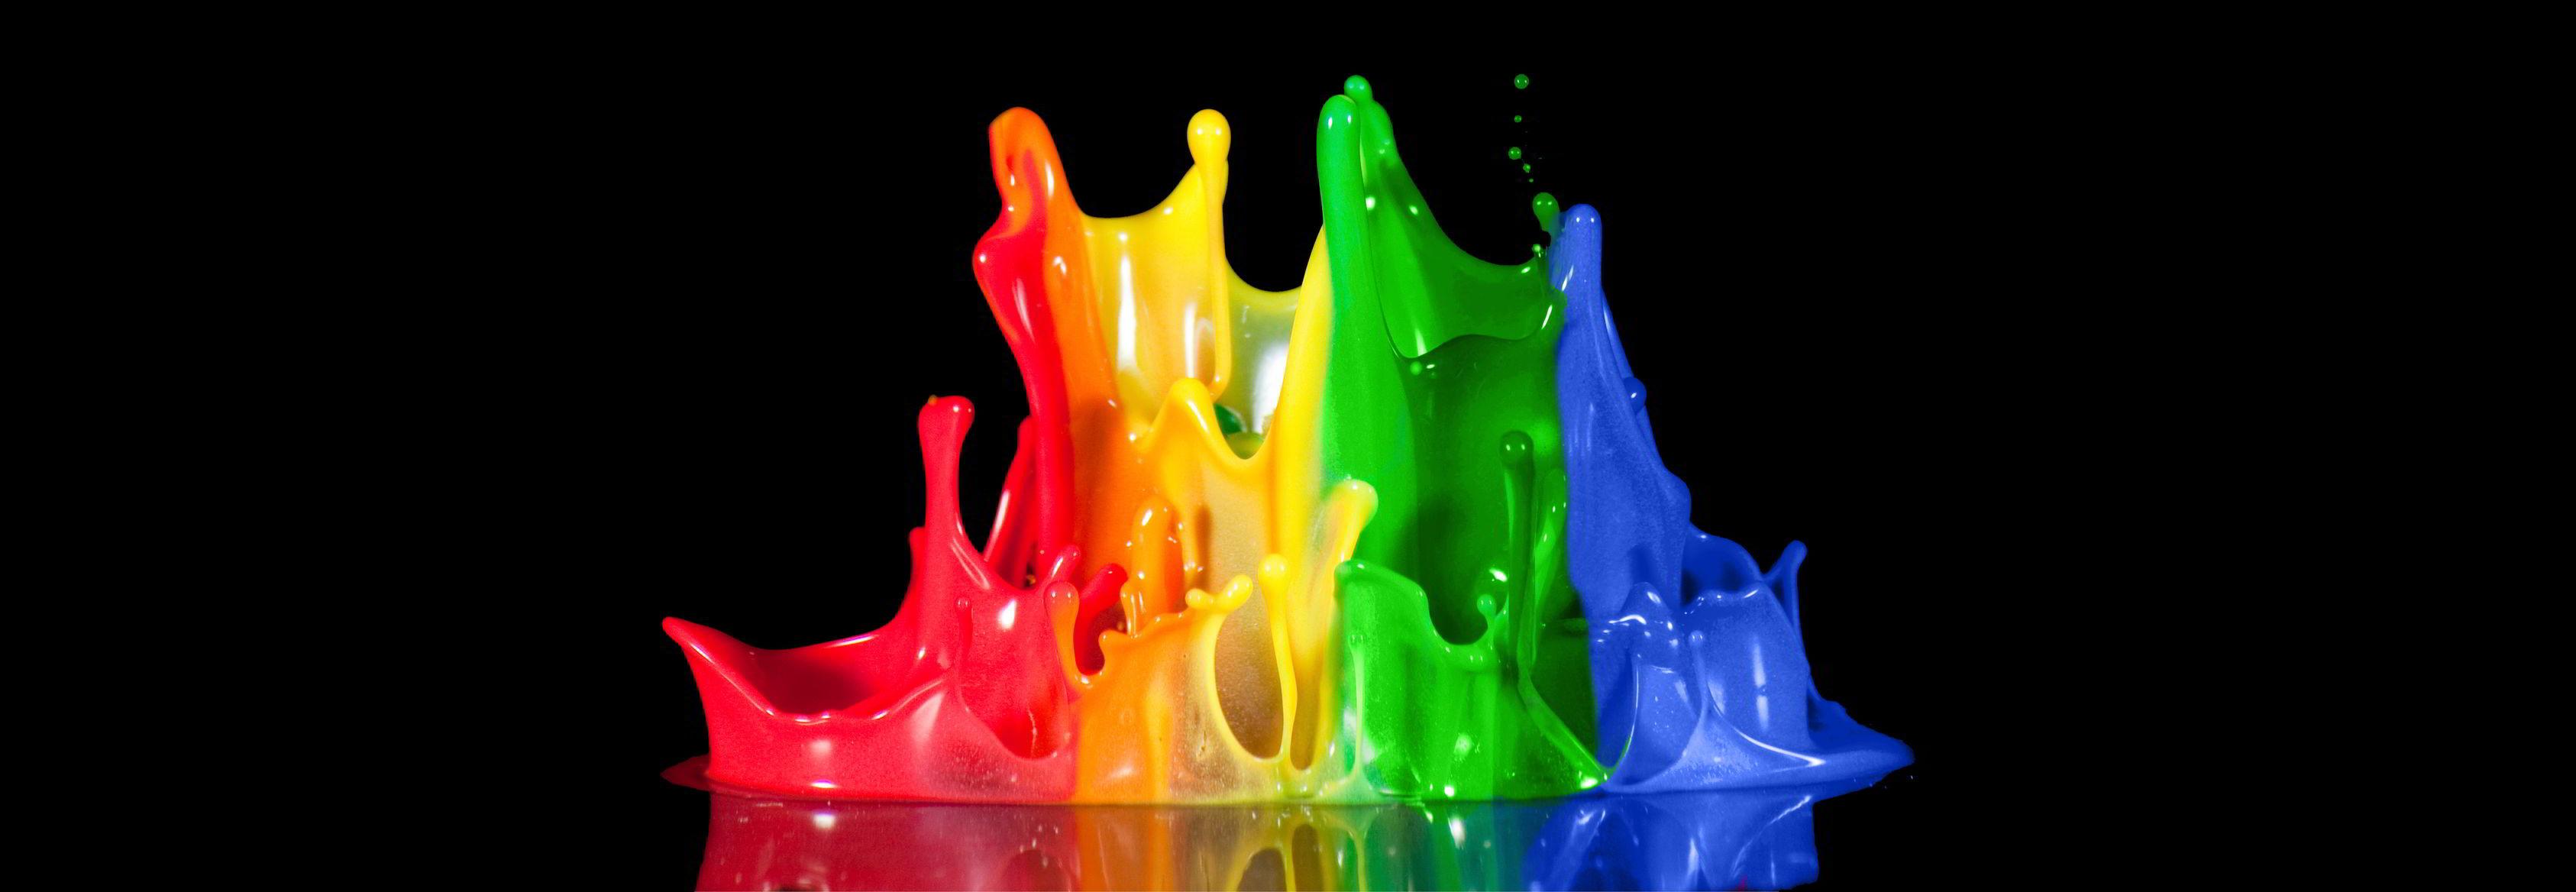 Come riconoscere la mansione adatta a te attraverso la tua energia colore